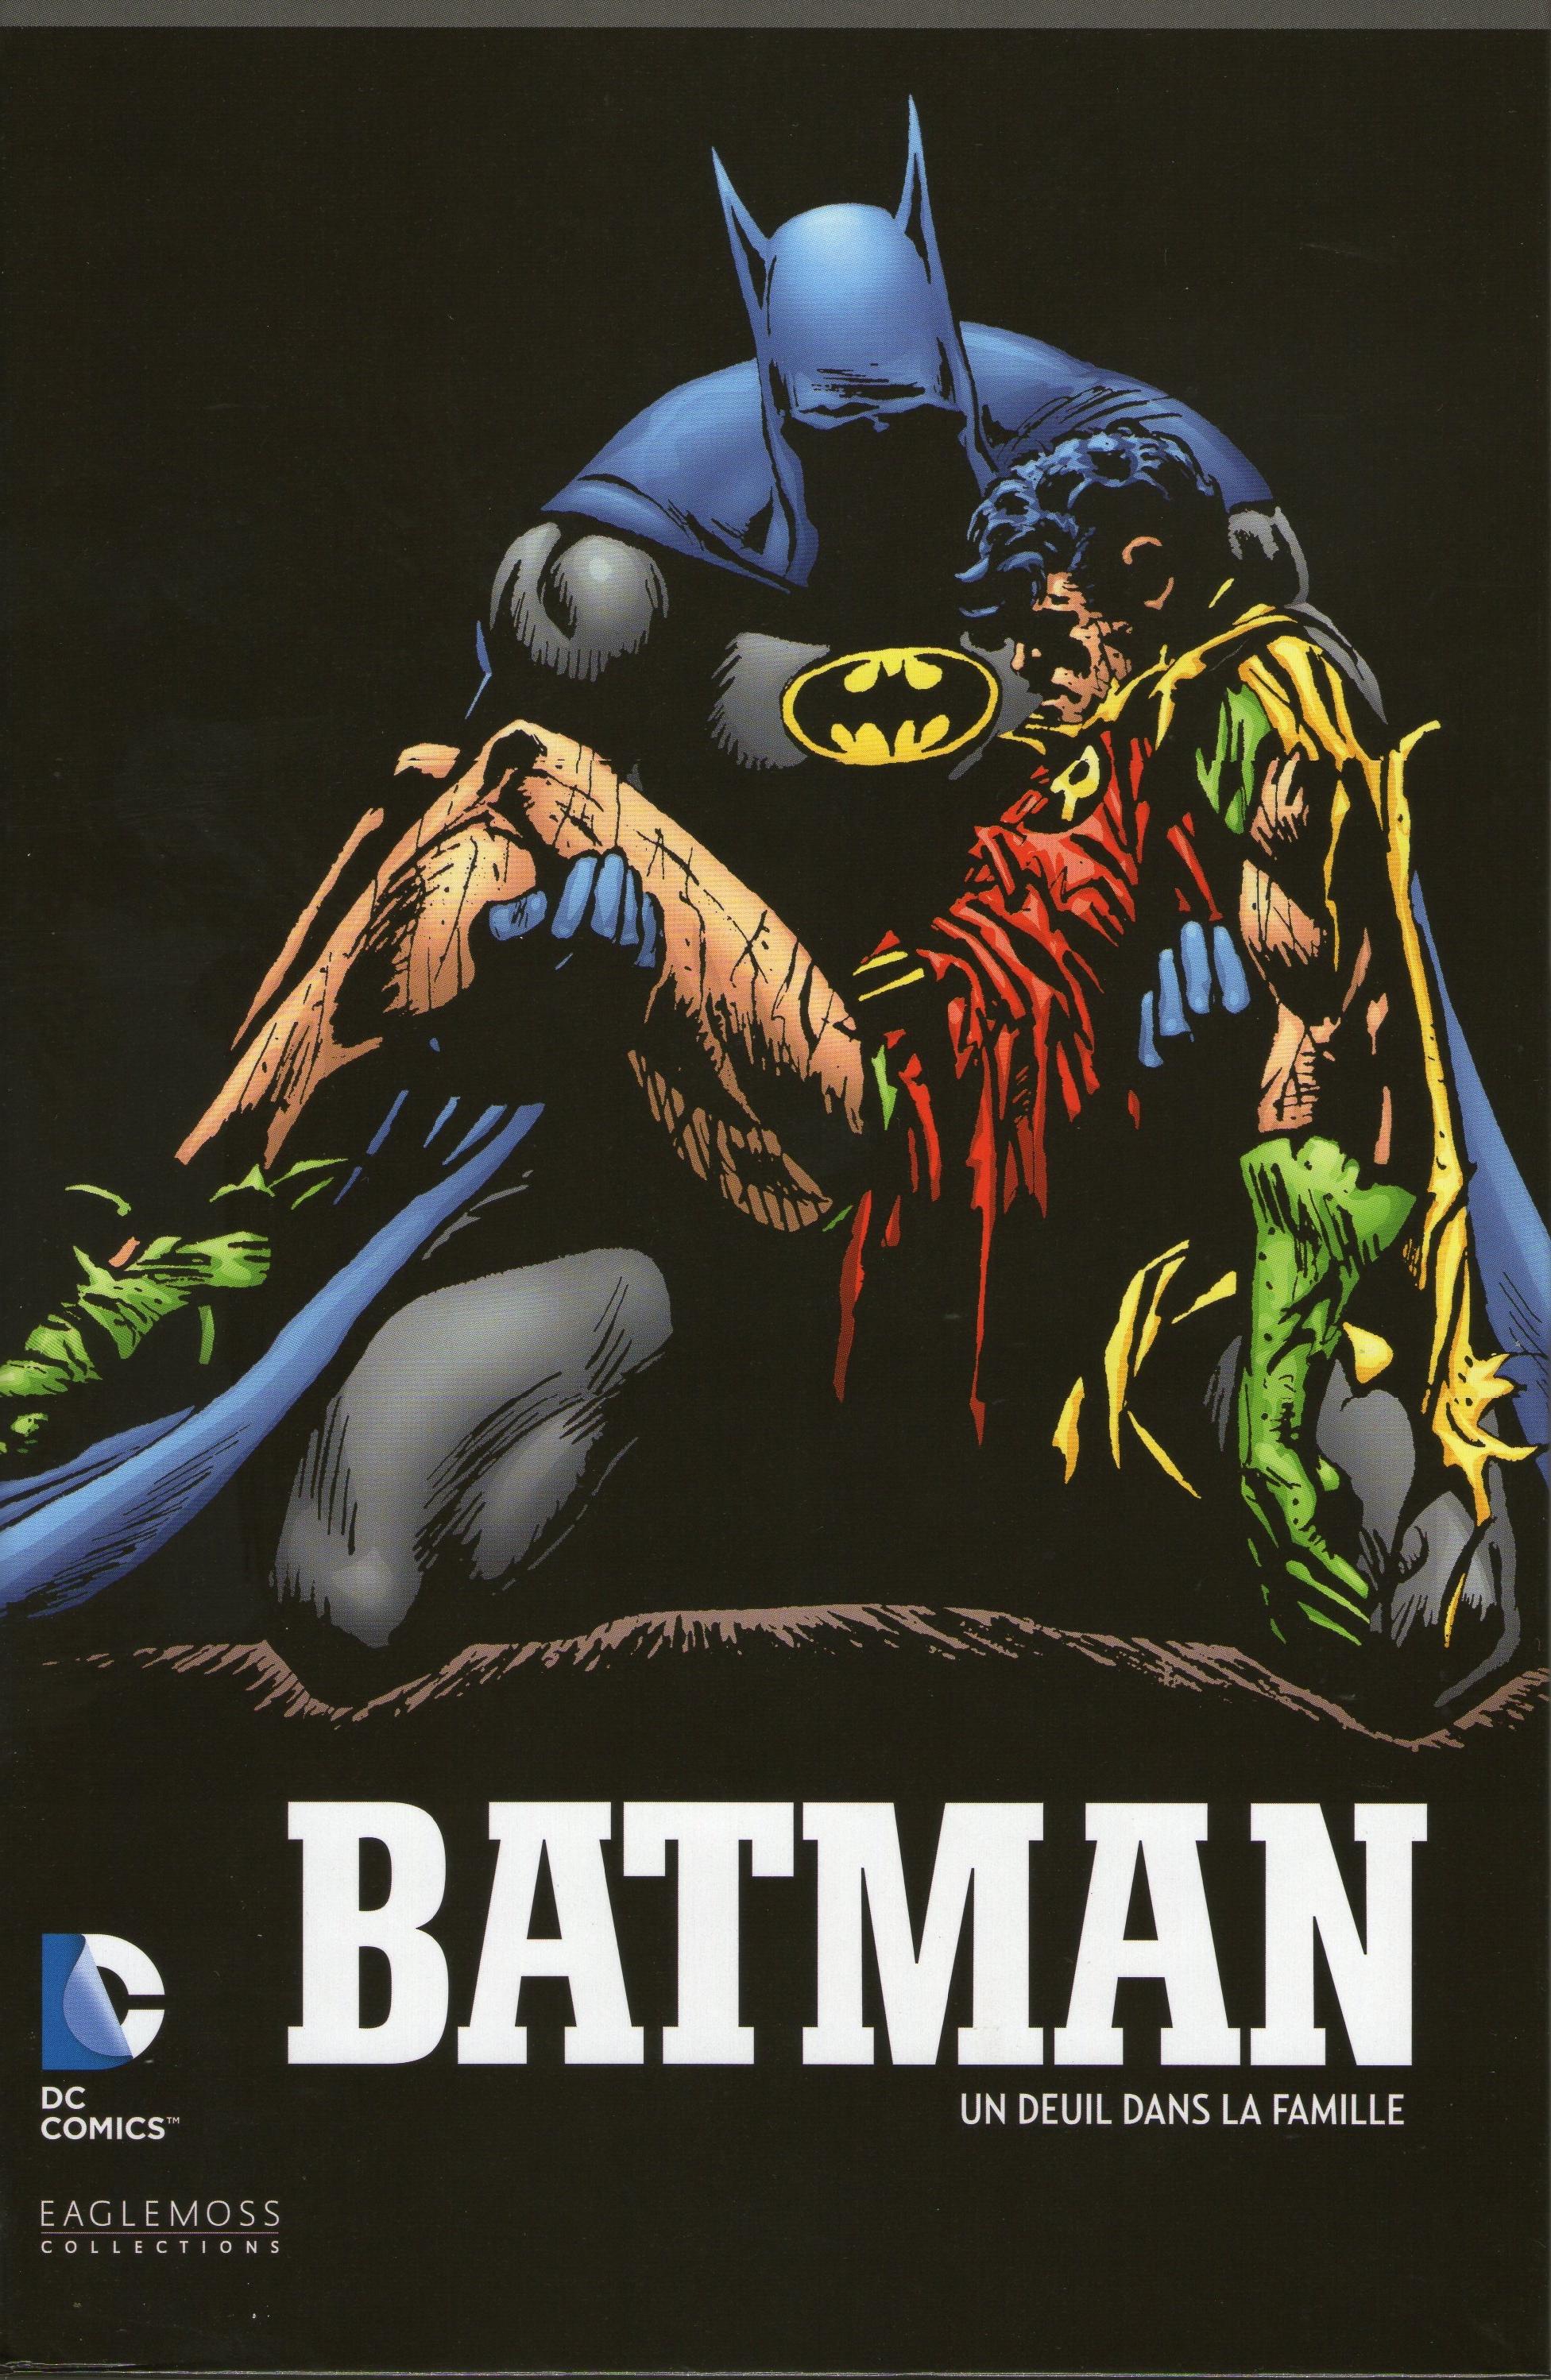 DC Comics - Le Meilleur des Super-Héros 35 - Batman Un Deuil dans la Famille